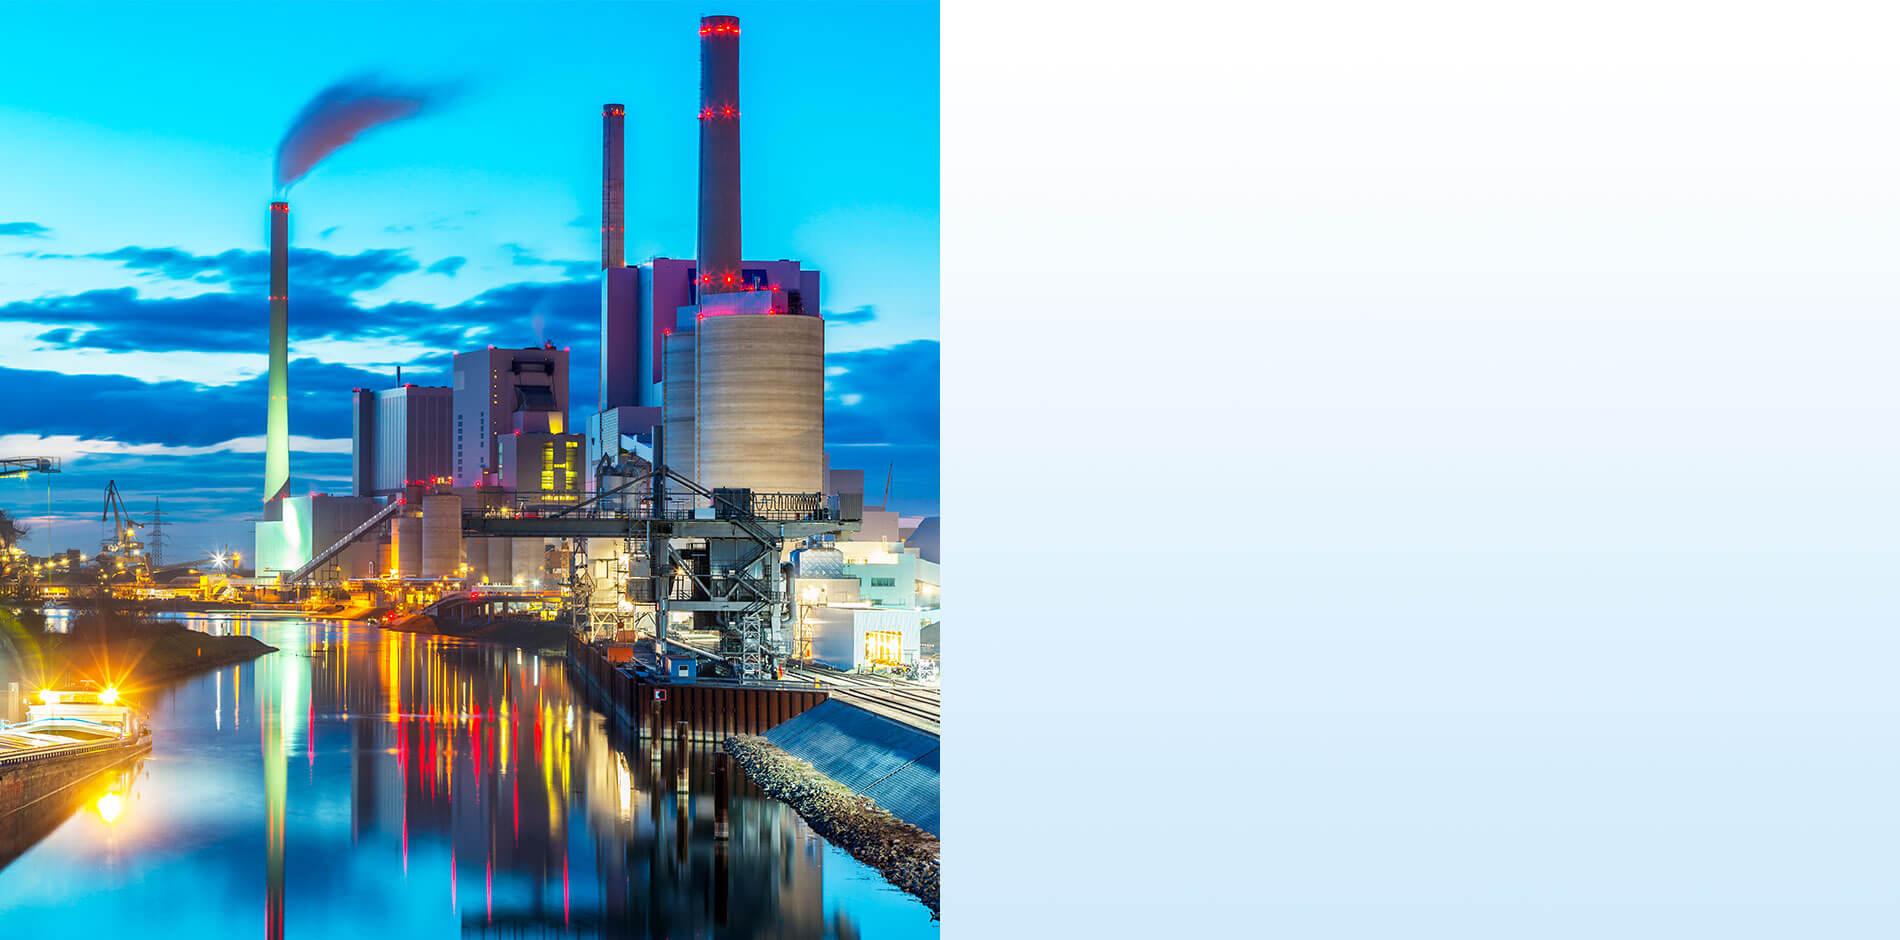 Эффективность использования энергии и воды: Электростанции и промышленность